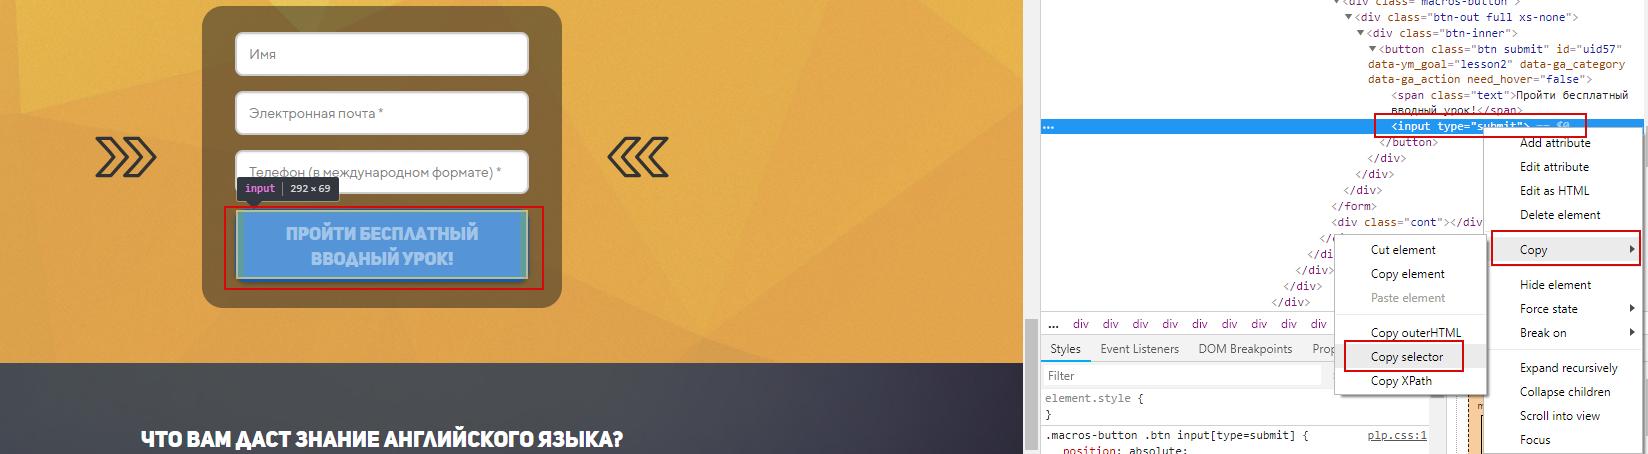 Как узнать идентификатор, класс или CSS-селектор необходимой кнопки